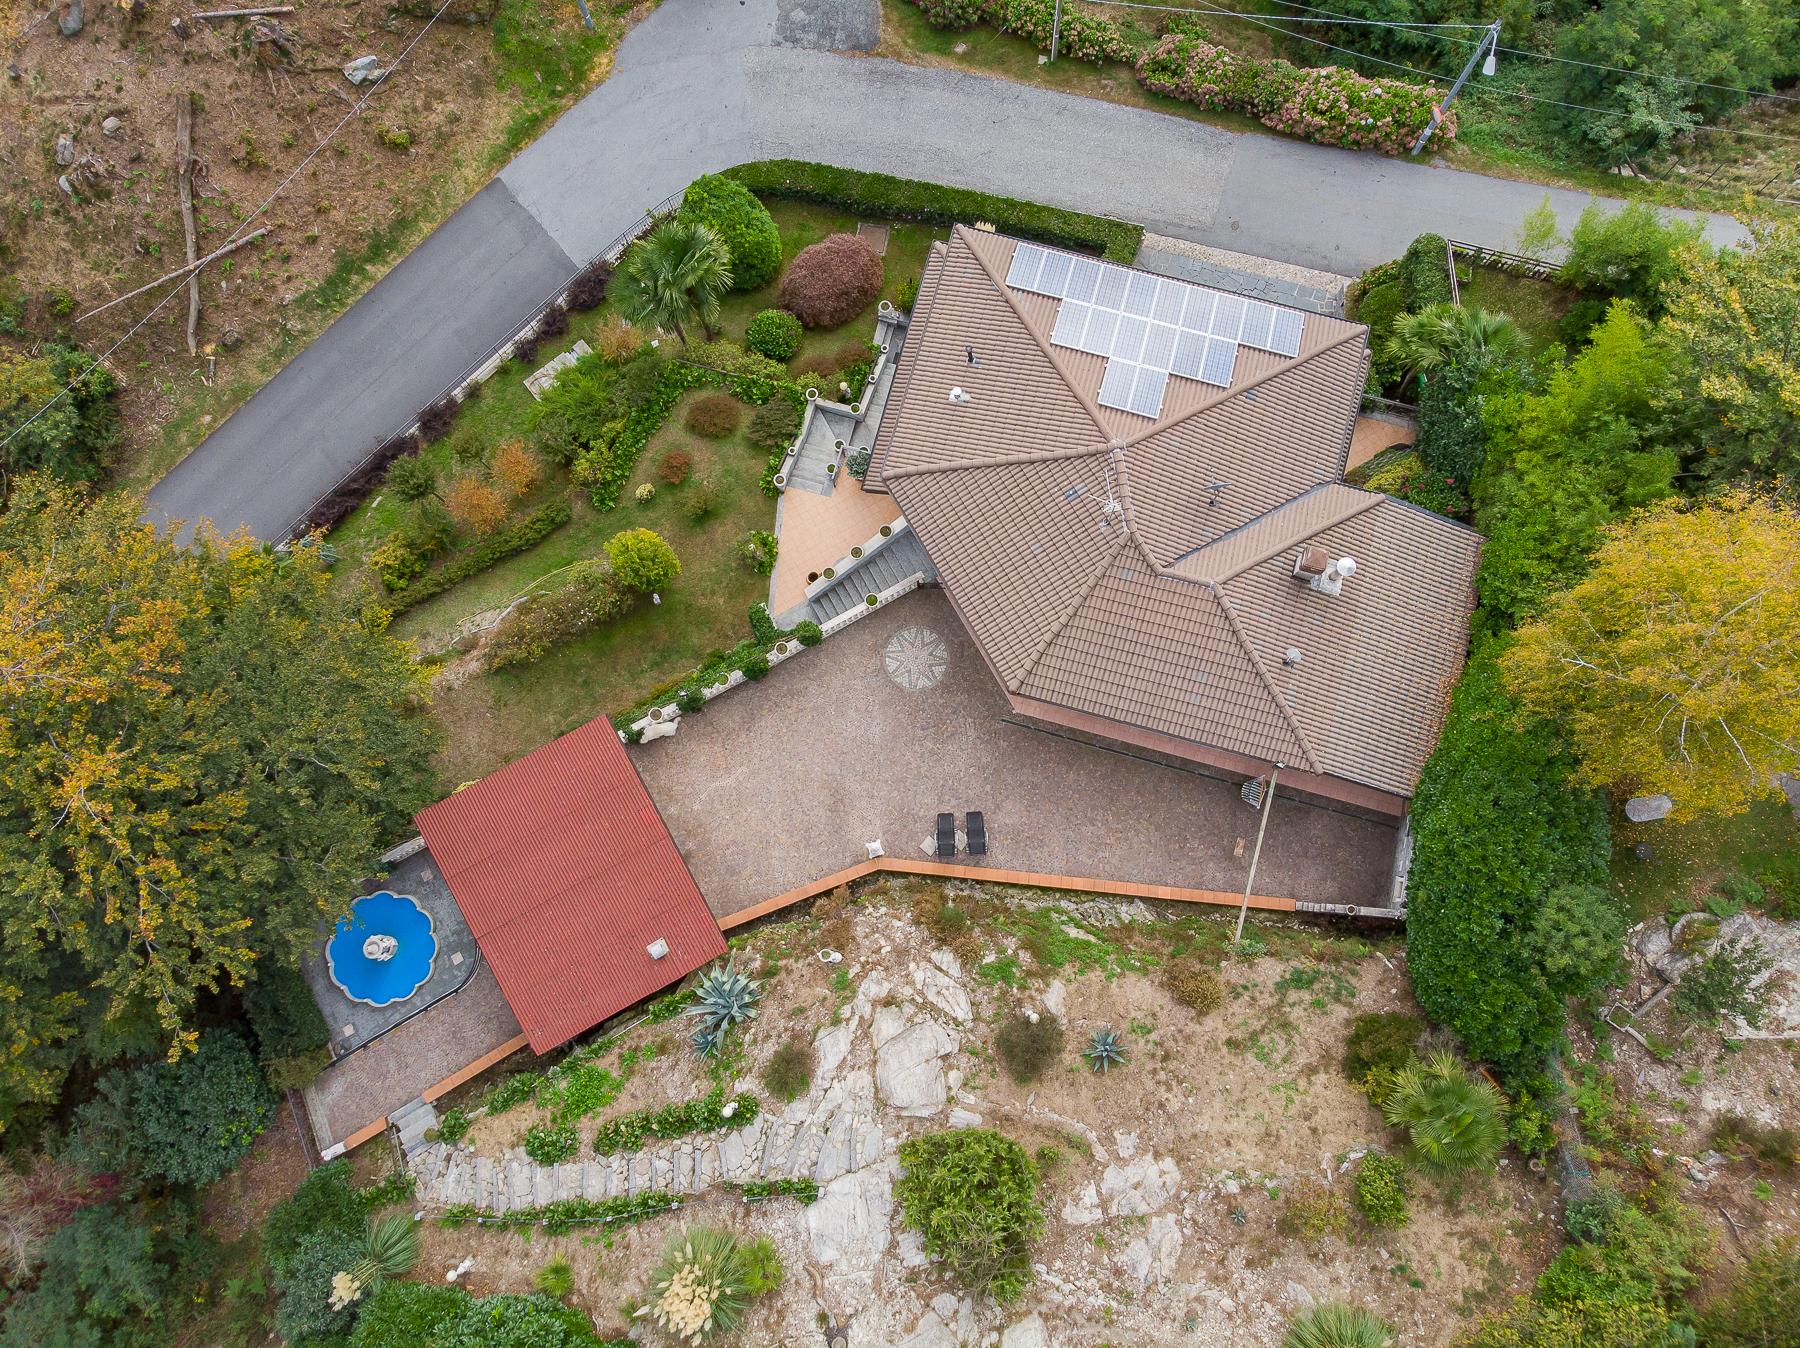 Villa in Vendita a Bee: 5 locali, 200 mq - Foto 4